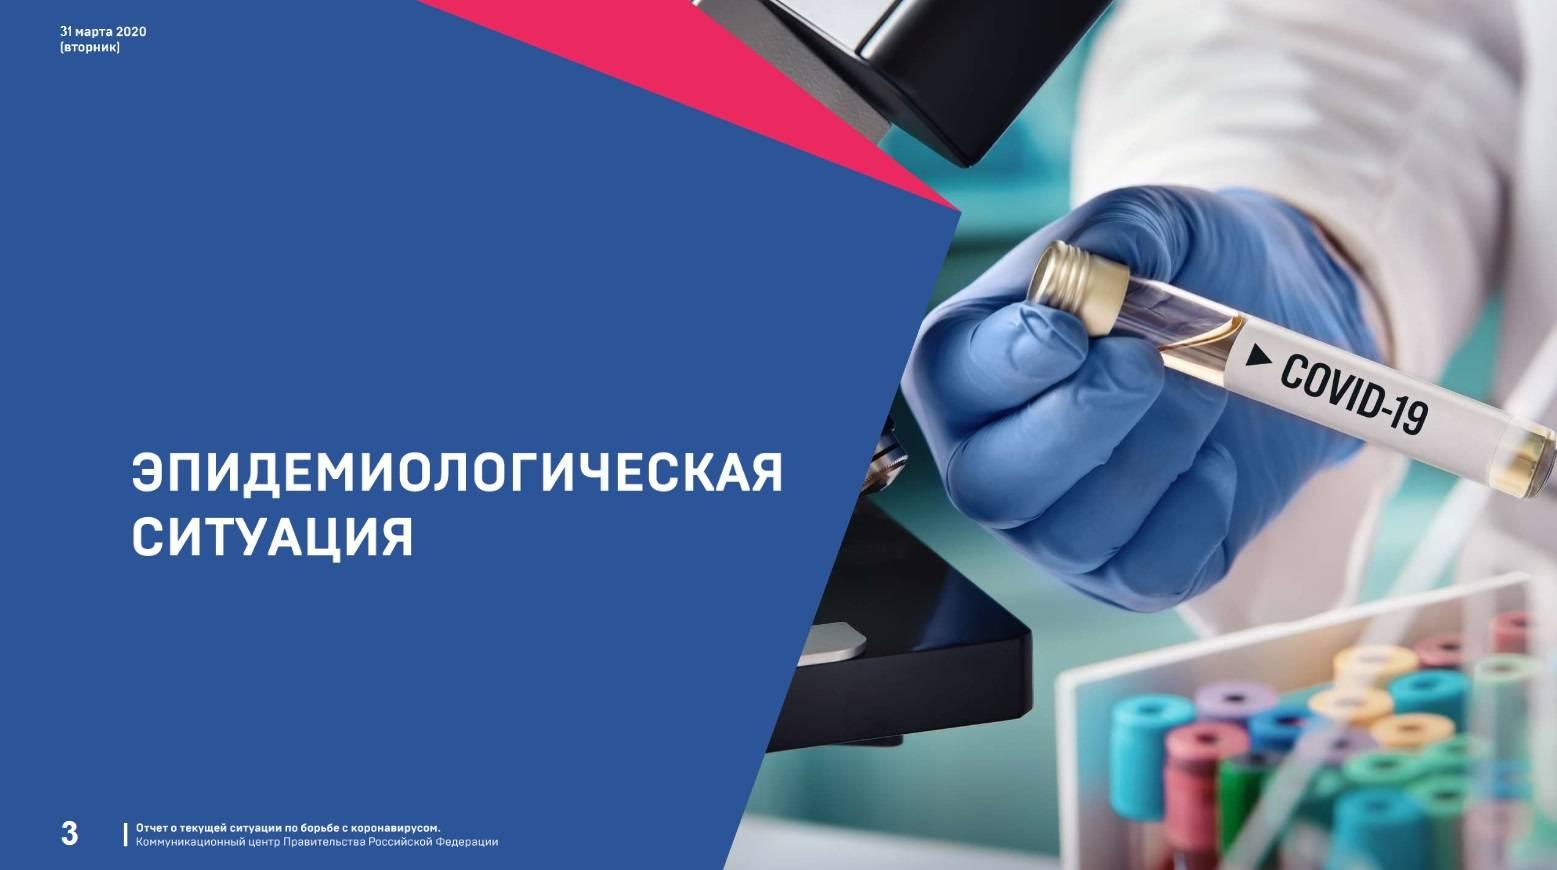 Отчёт о текущей ситуации по борьбе с коронавирусом